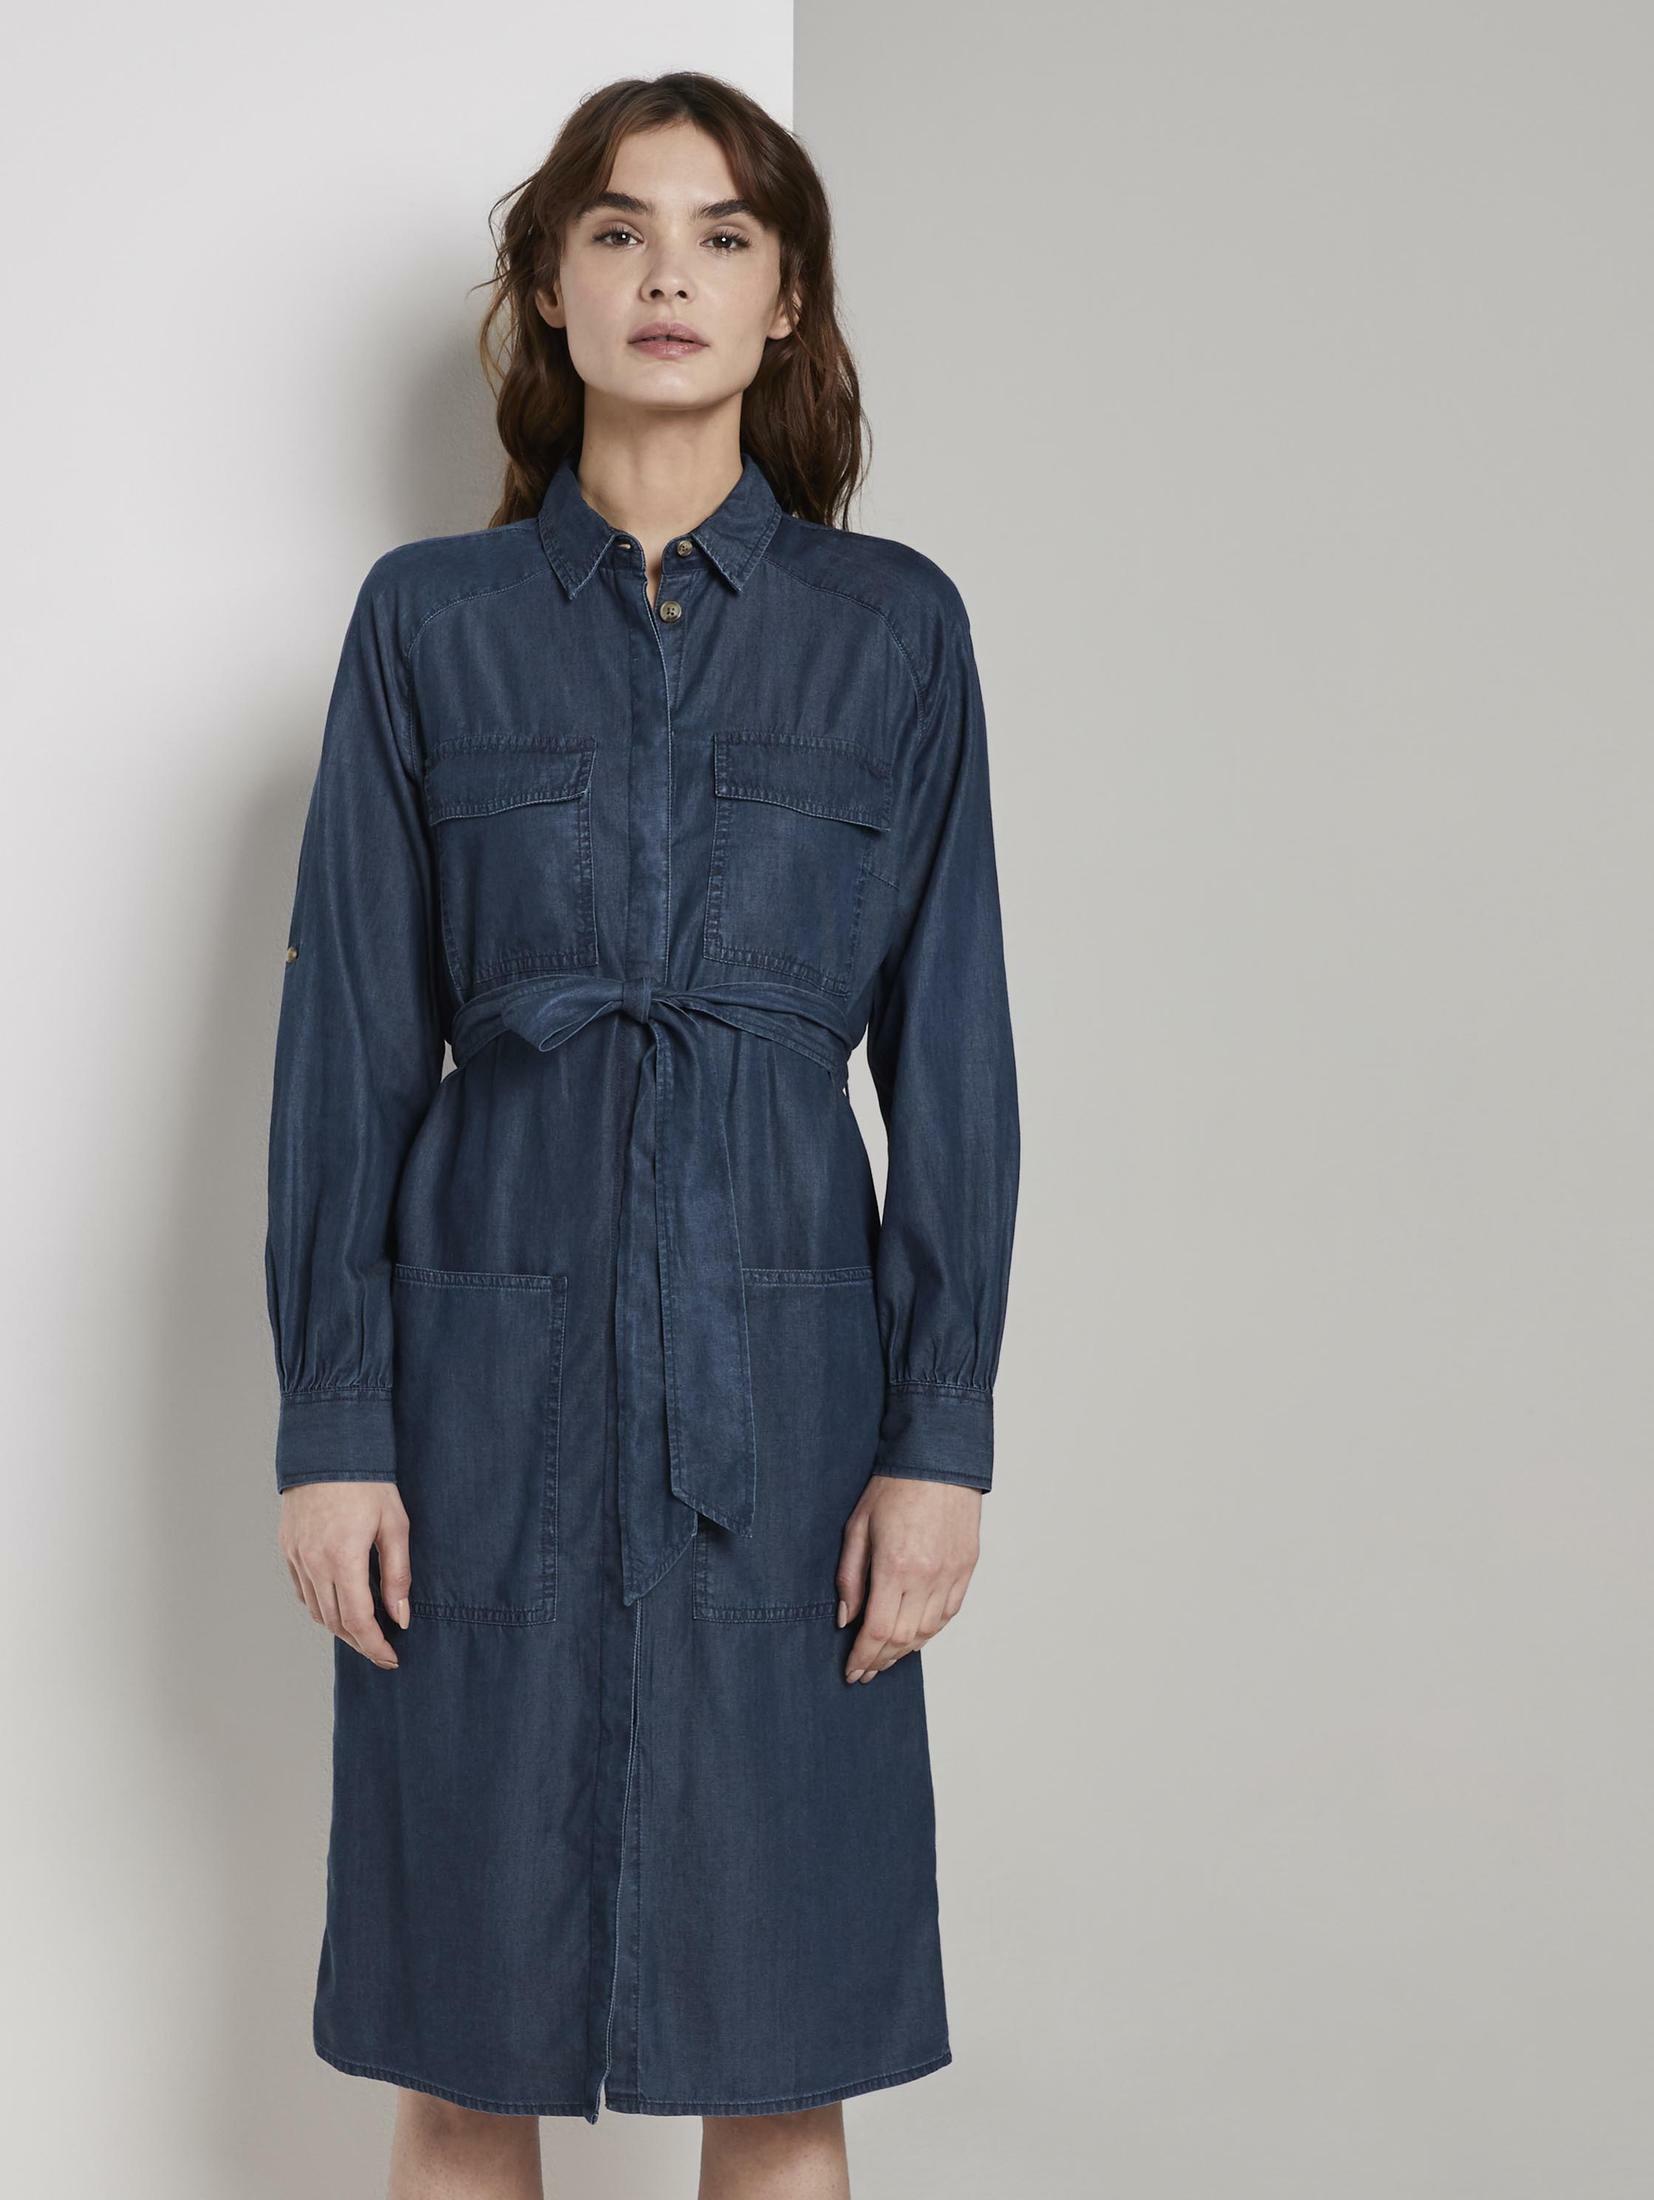 TOM TAILOR Jeanskleid Jeanskleid mit Bindegürtel Damenmode/Bekleidung/Kleider/Jeanskleider